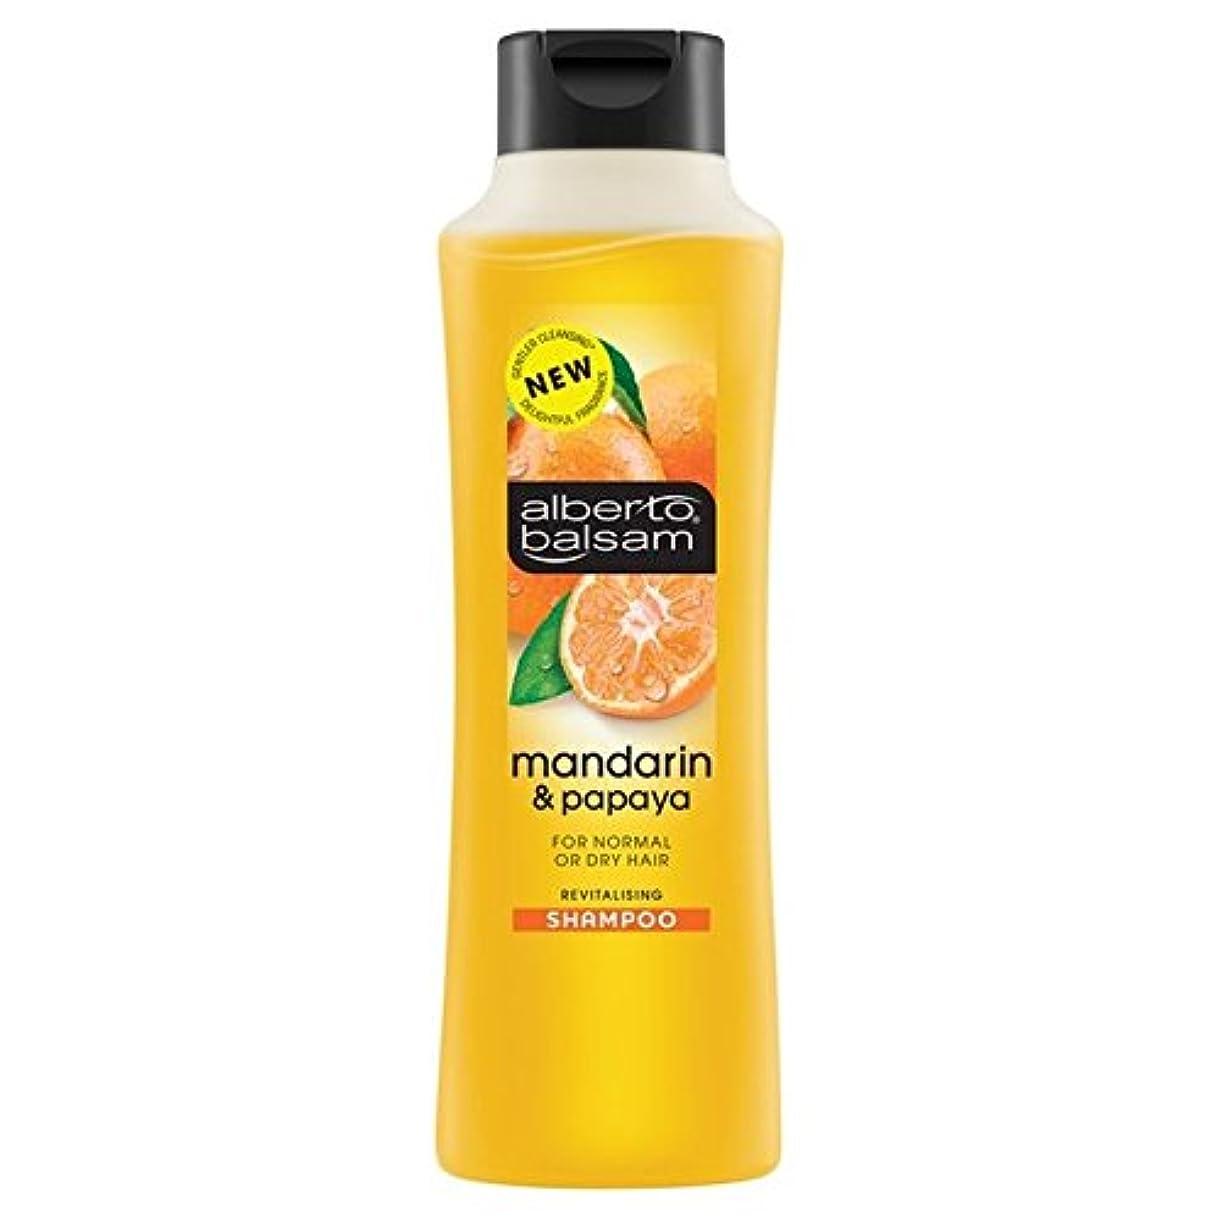 艶釈義コンパスAlberto Balsam Mandarin & Papaya Shampoo 350ml - アルベルト?バルサムマンダリン&パパイヤシャンプー350ミリリットル [並行輸入品]